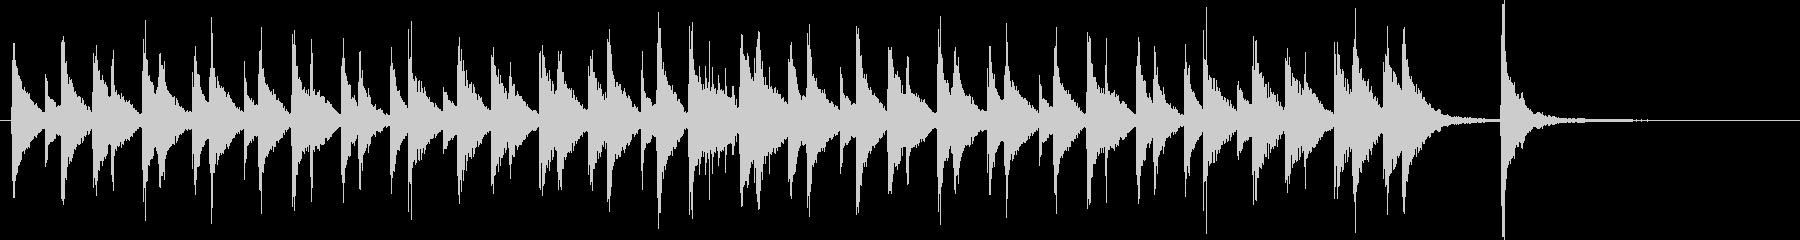 ほのぼの明るいウクレレと木琴のジングルの未再生の波形